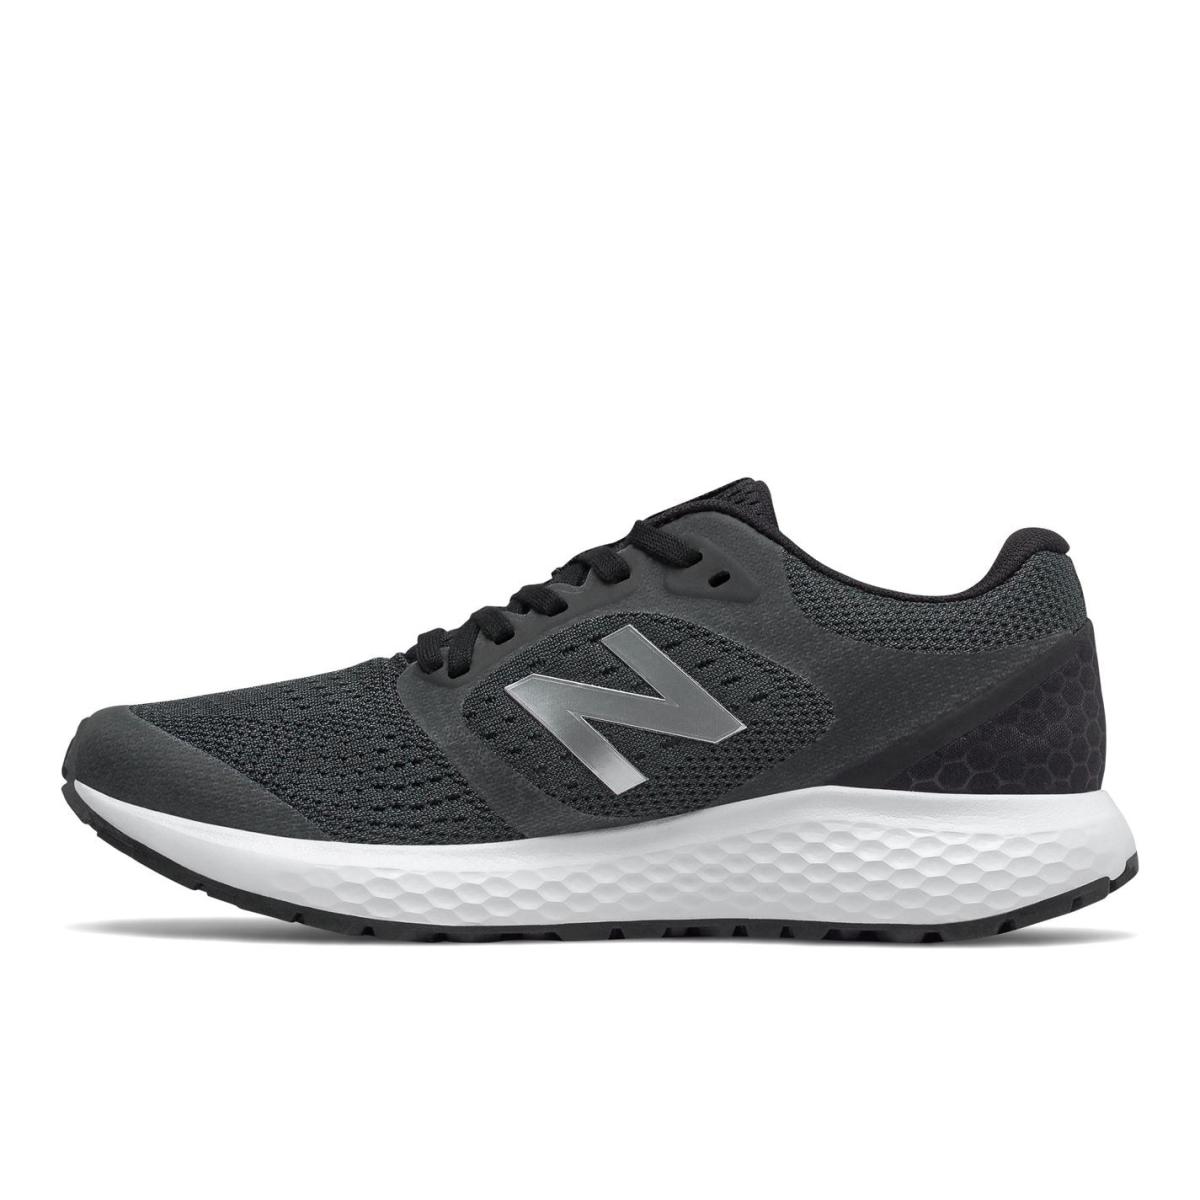 New-Balance-W520-Turnschuhe-Damen-Sneaker-Sportschuhe-Laufschuhe-1161 Indexbild 5